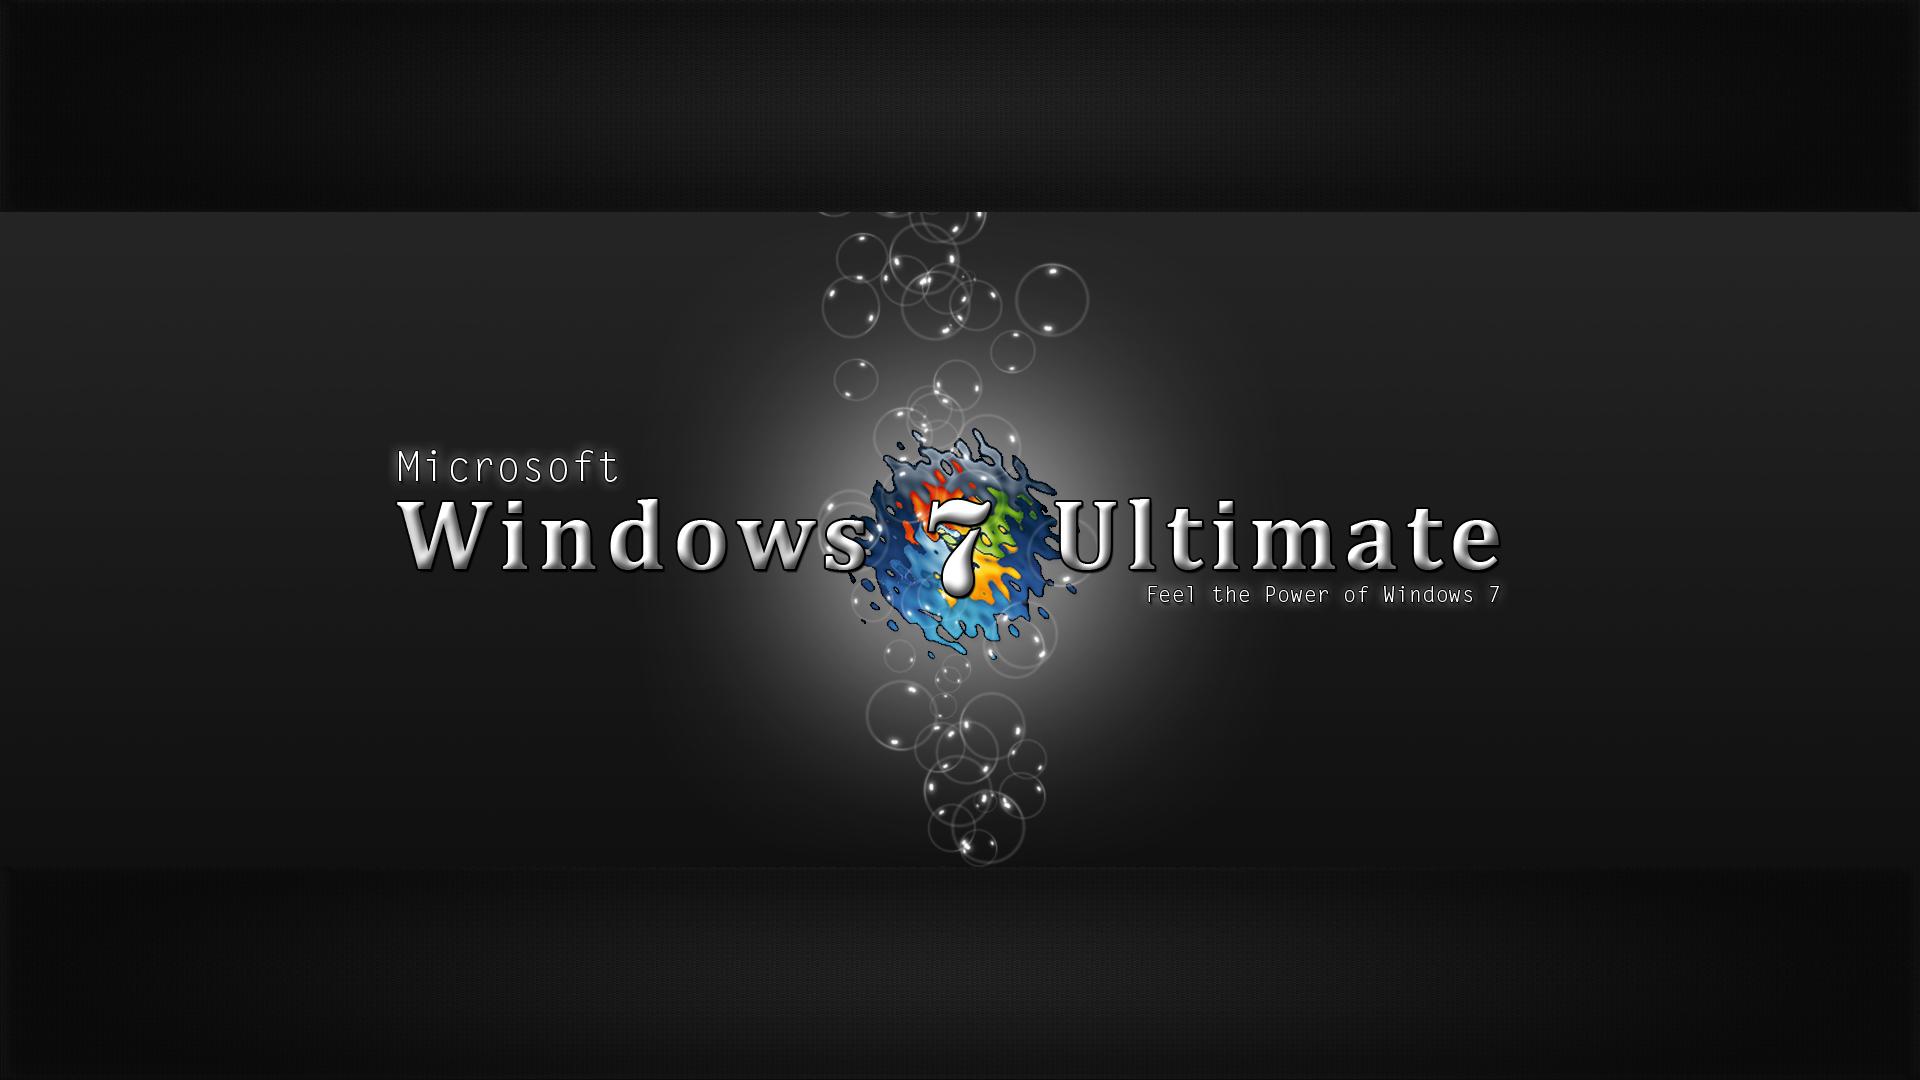 Windows 7 Wallpapers HD 3D For Desktop (50 Wallpapers